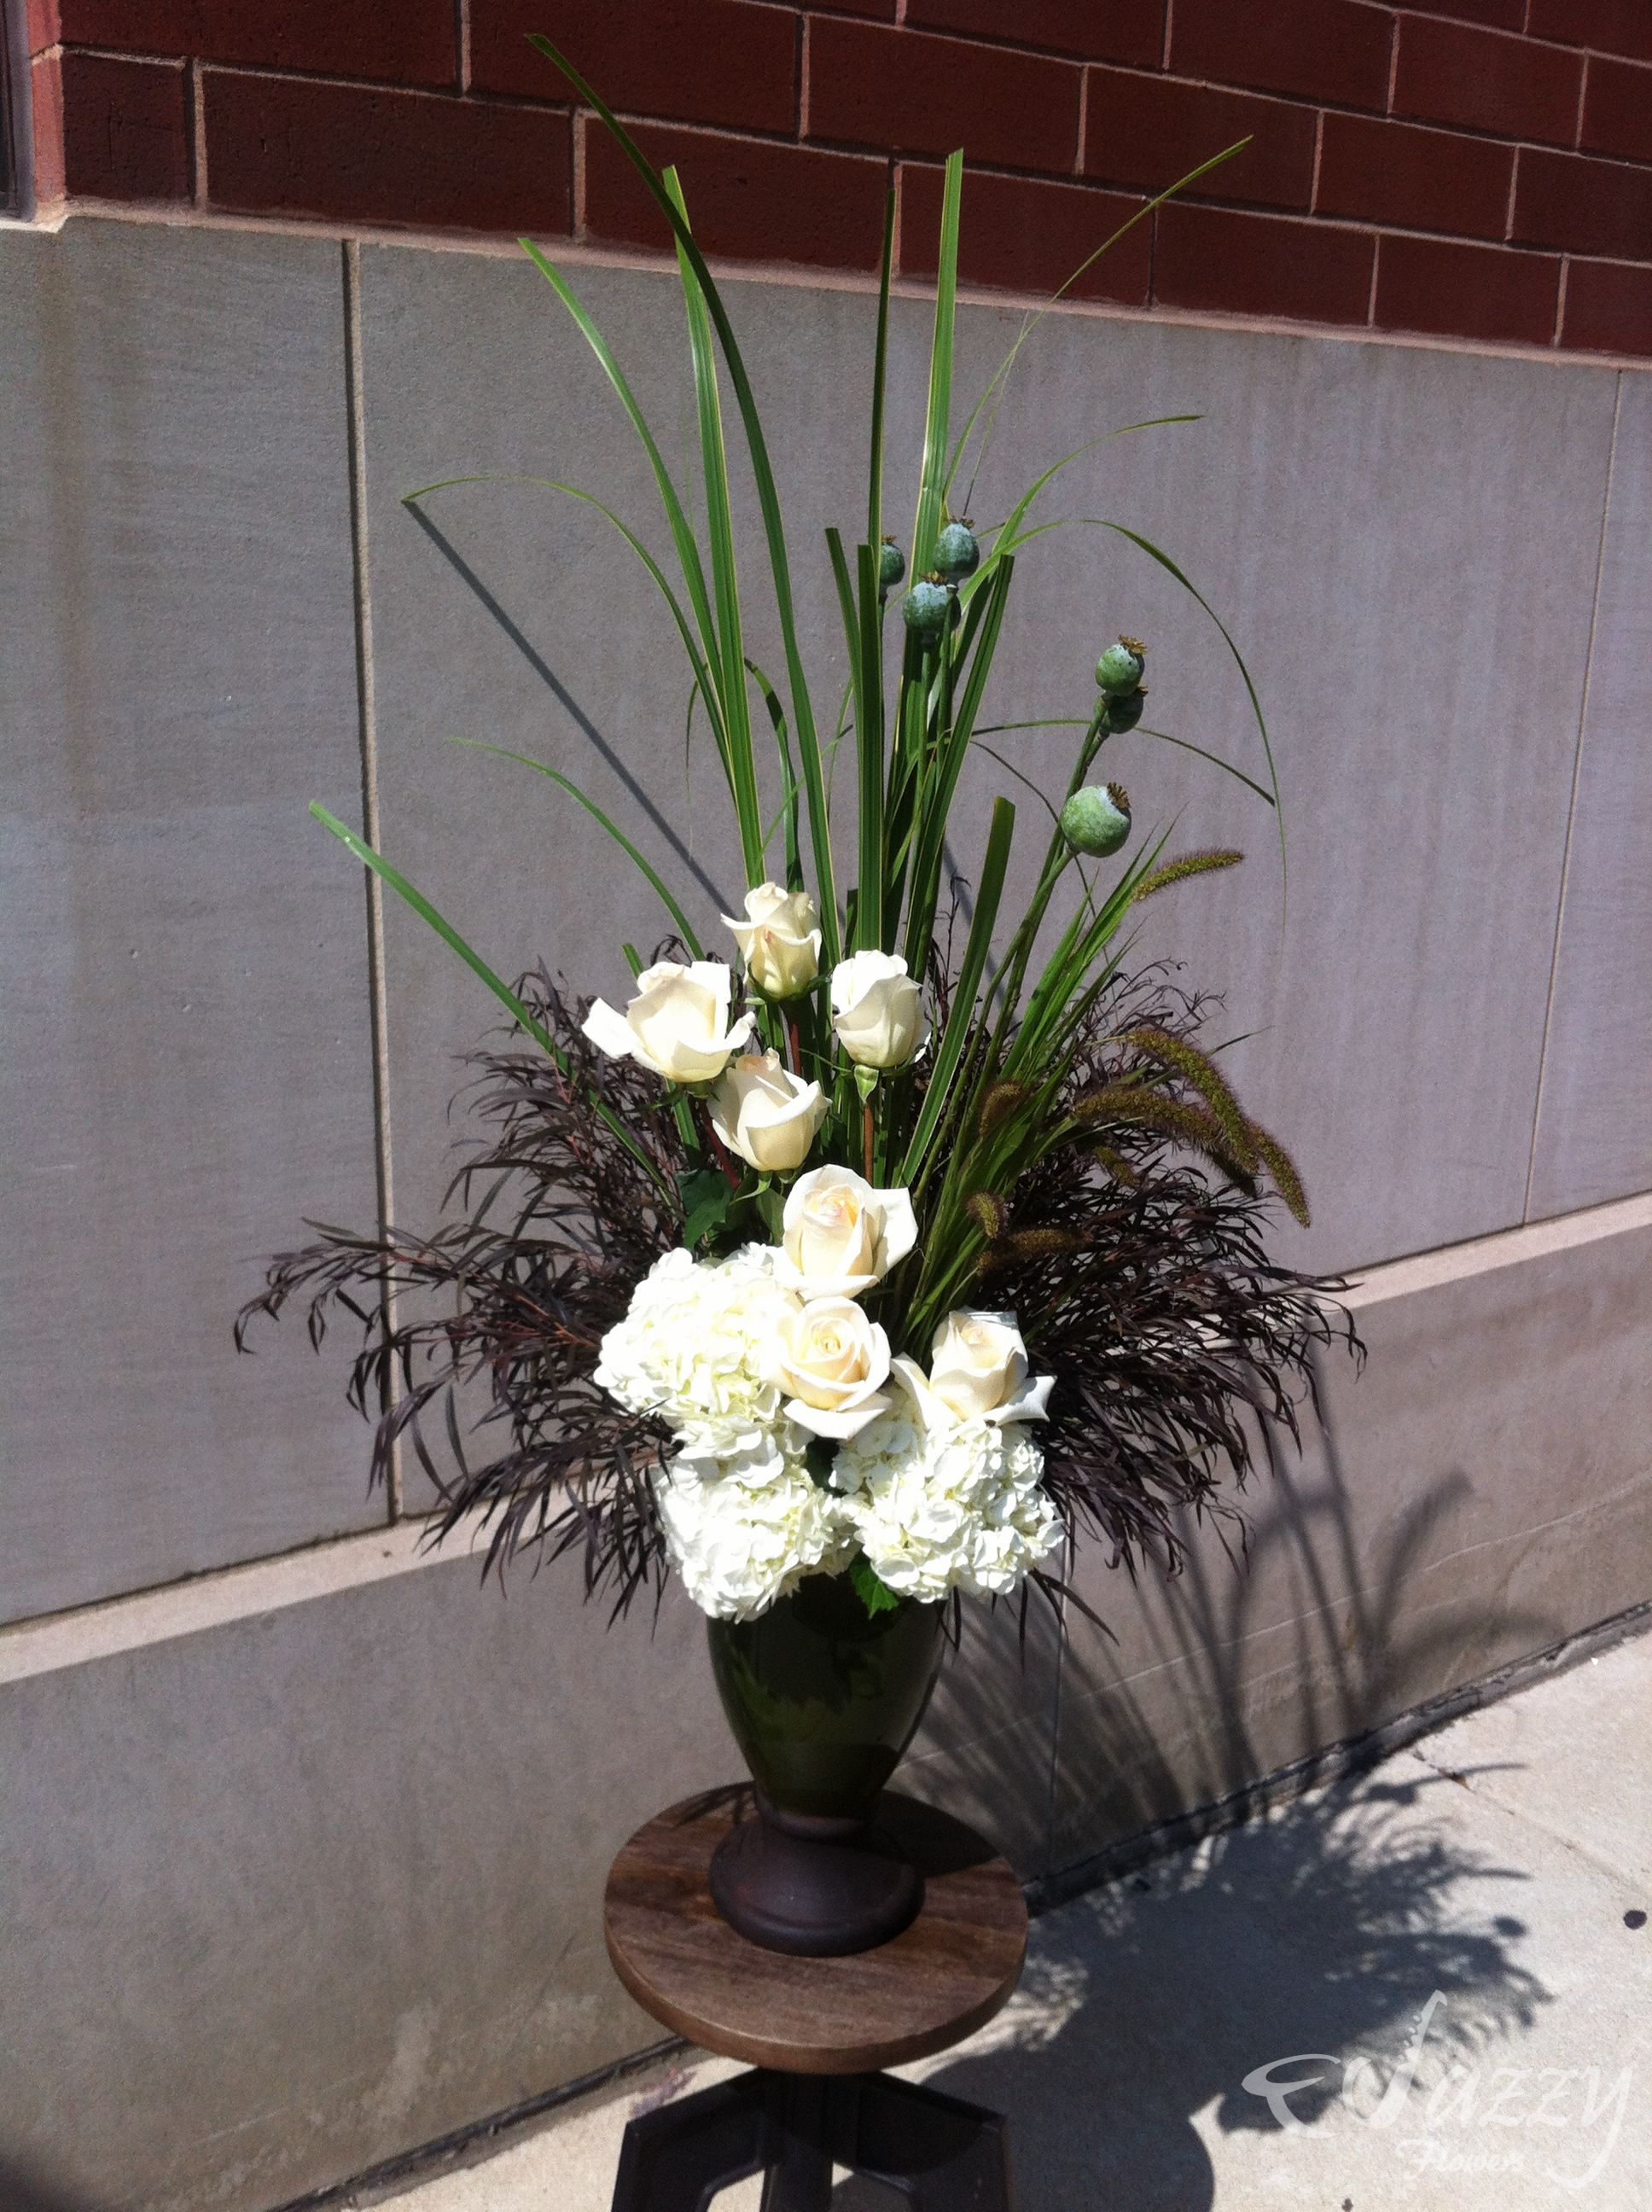 roses, hydrangea, grasses, agonis, poppy pods Poppy pods